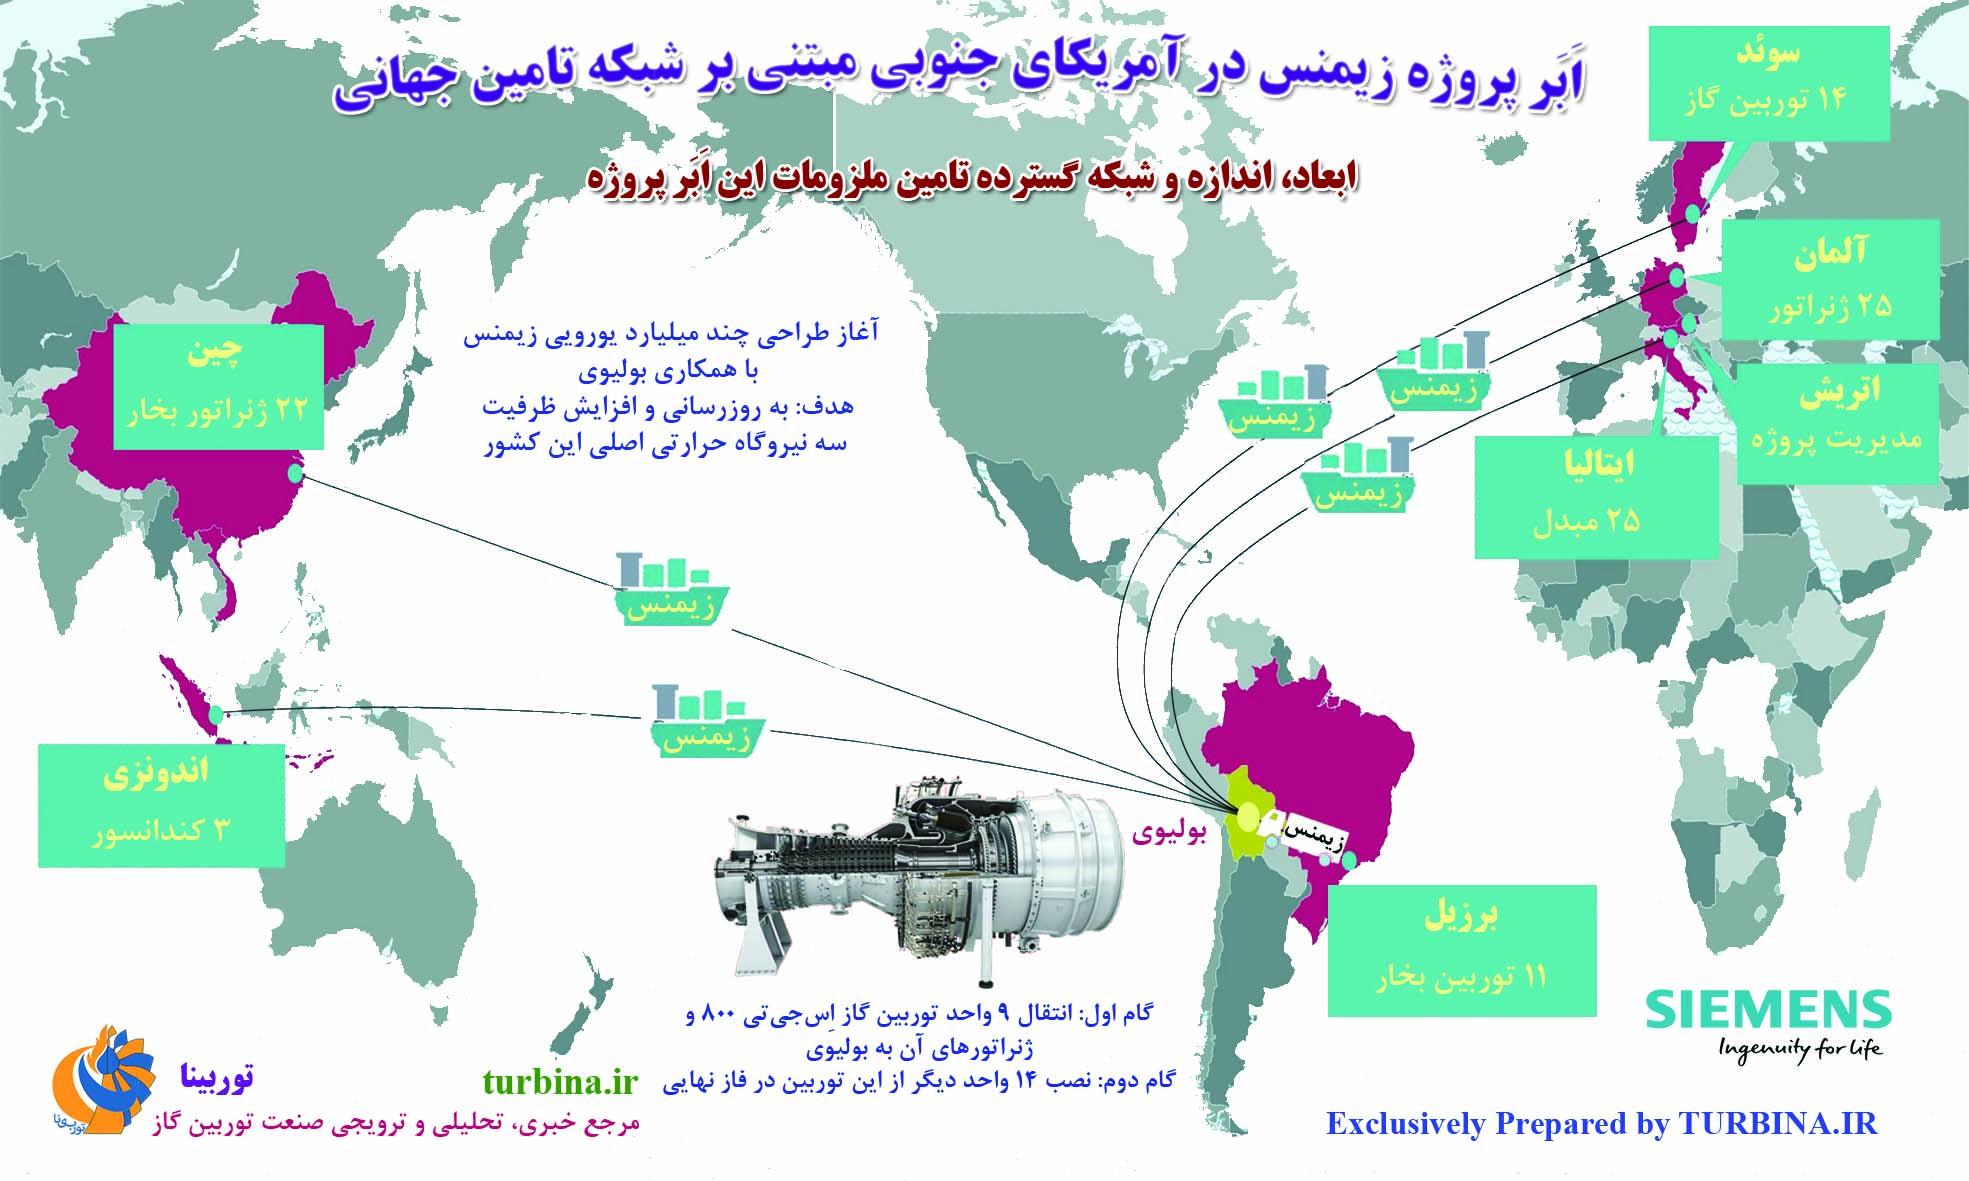 ابر پروژه زیمنس در آمریکای جنوبی مبتنی بر شبکه تامین جهانی